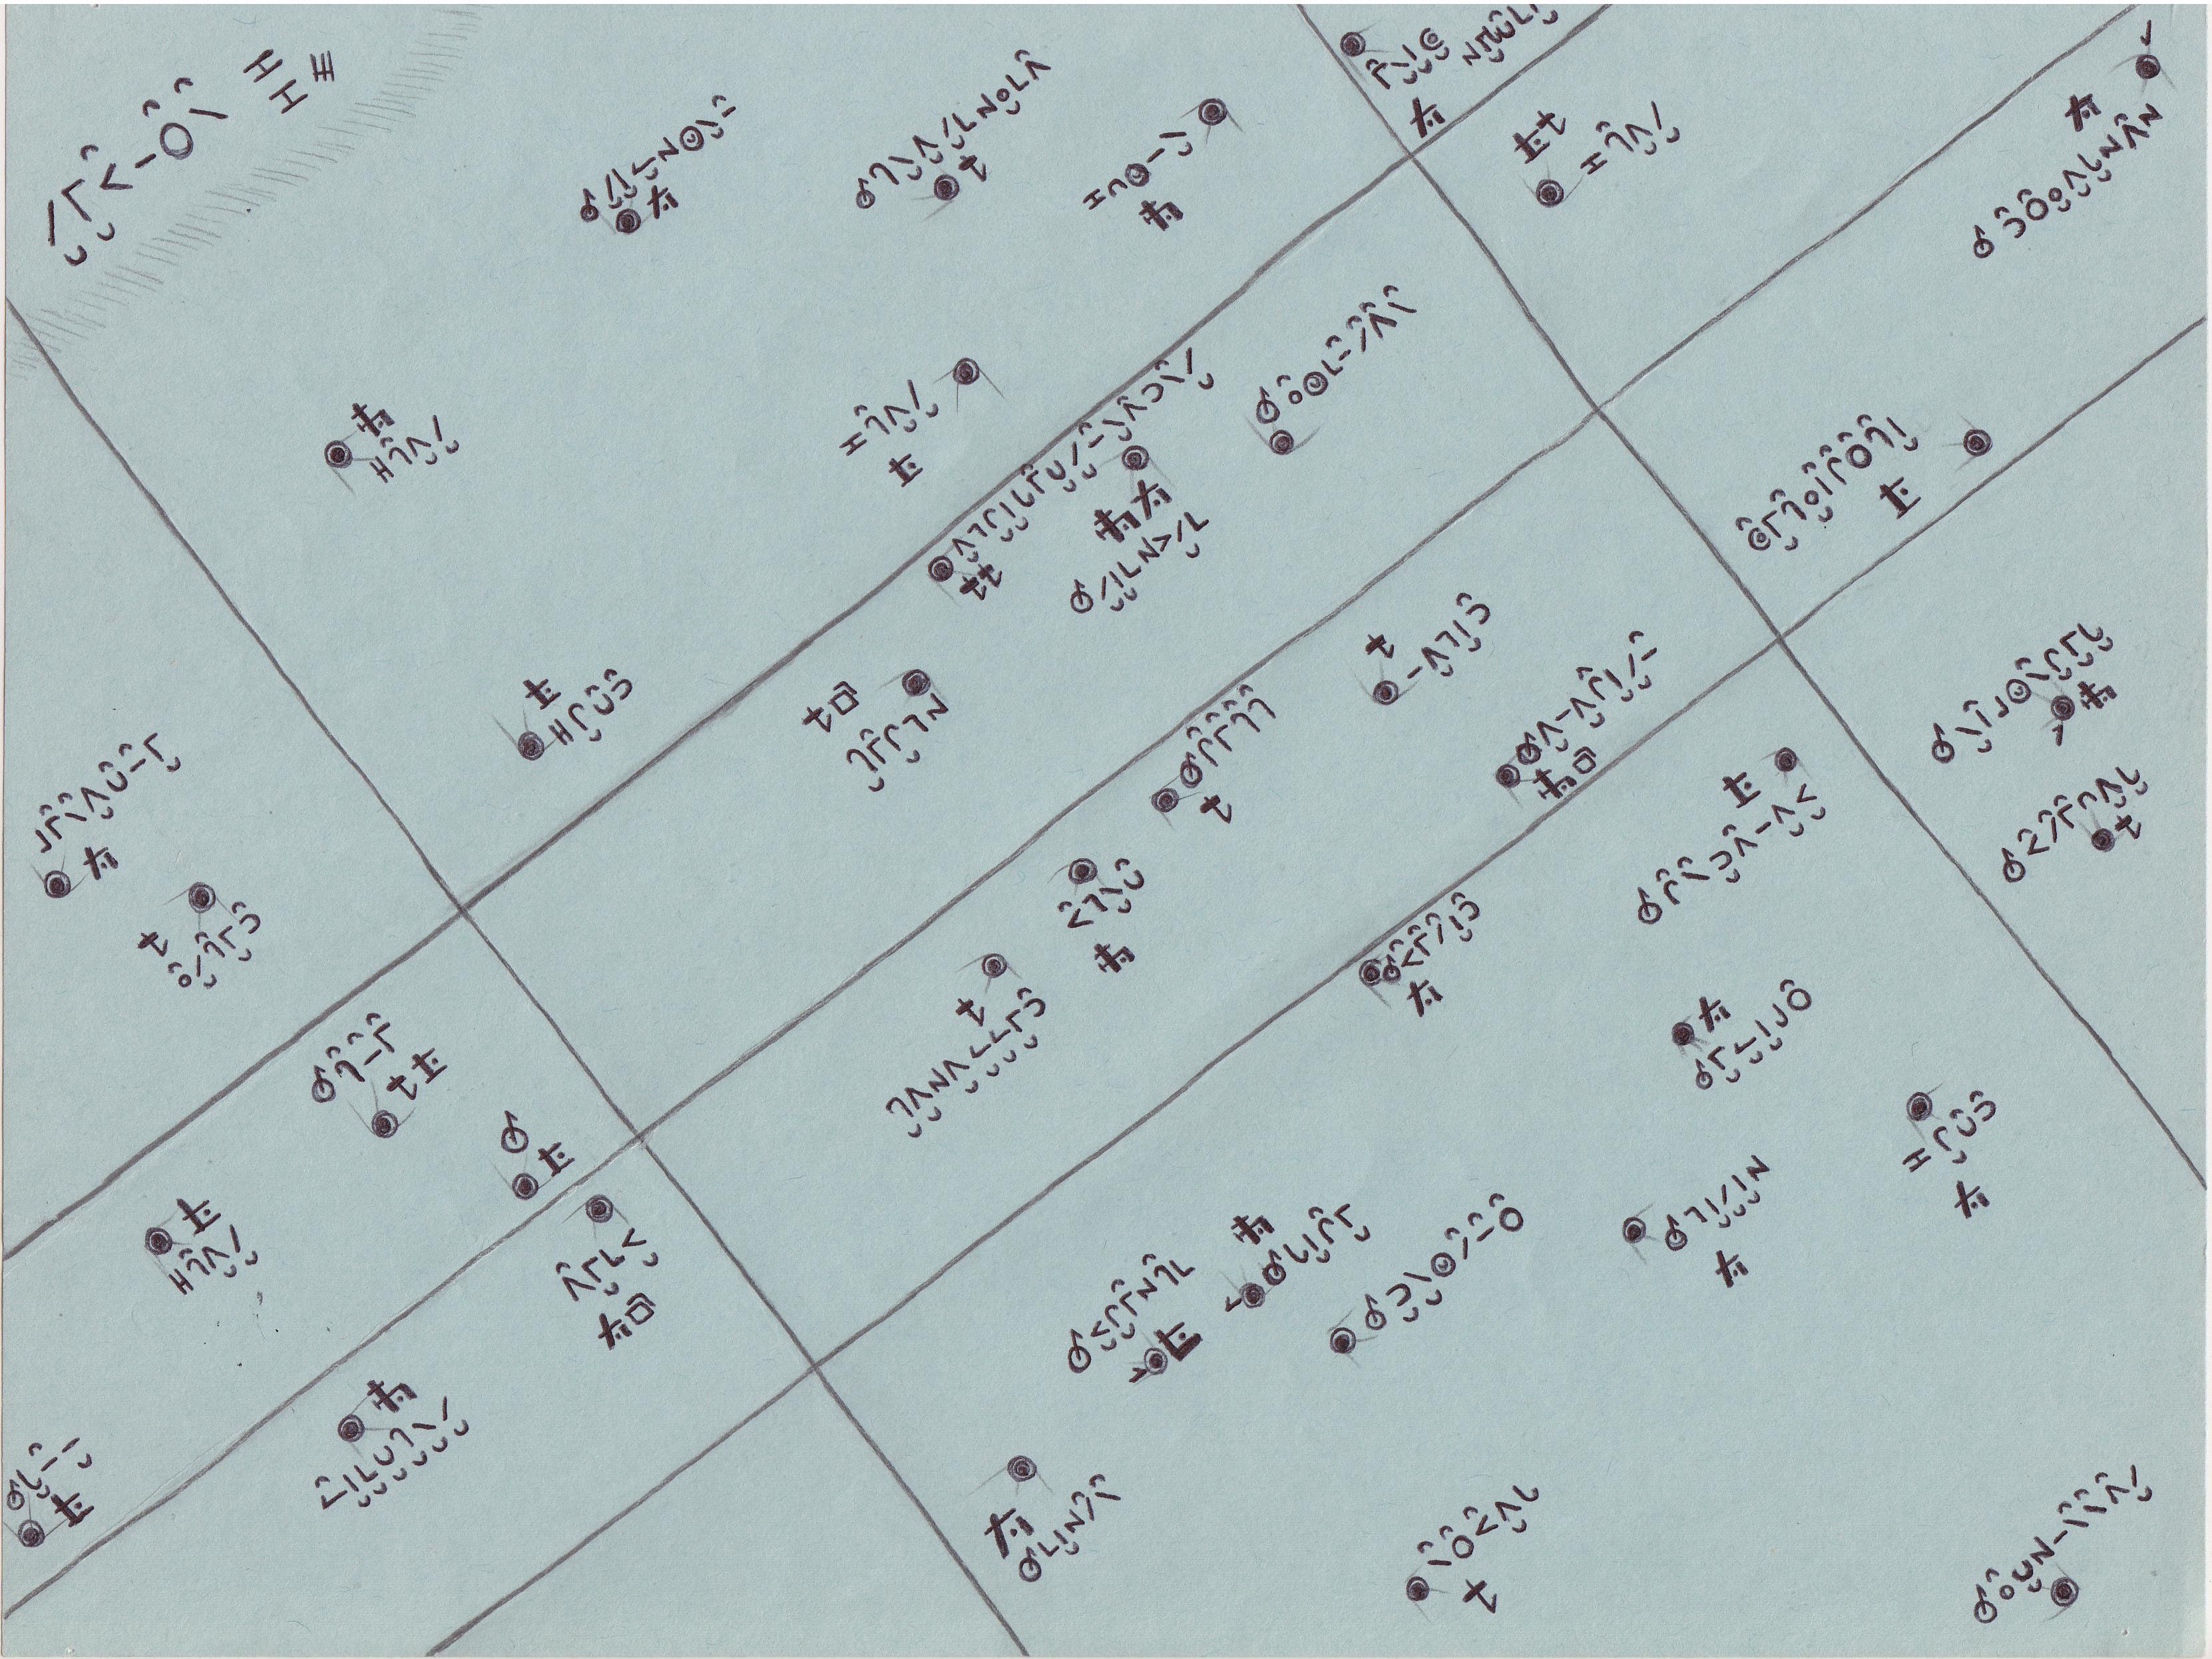 Sretfarc Chart 1